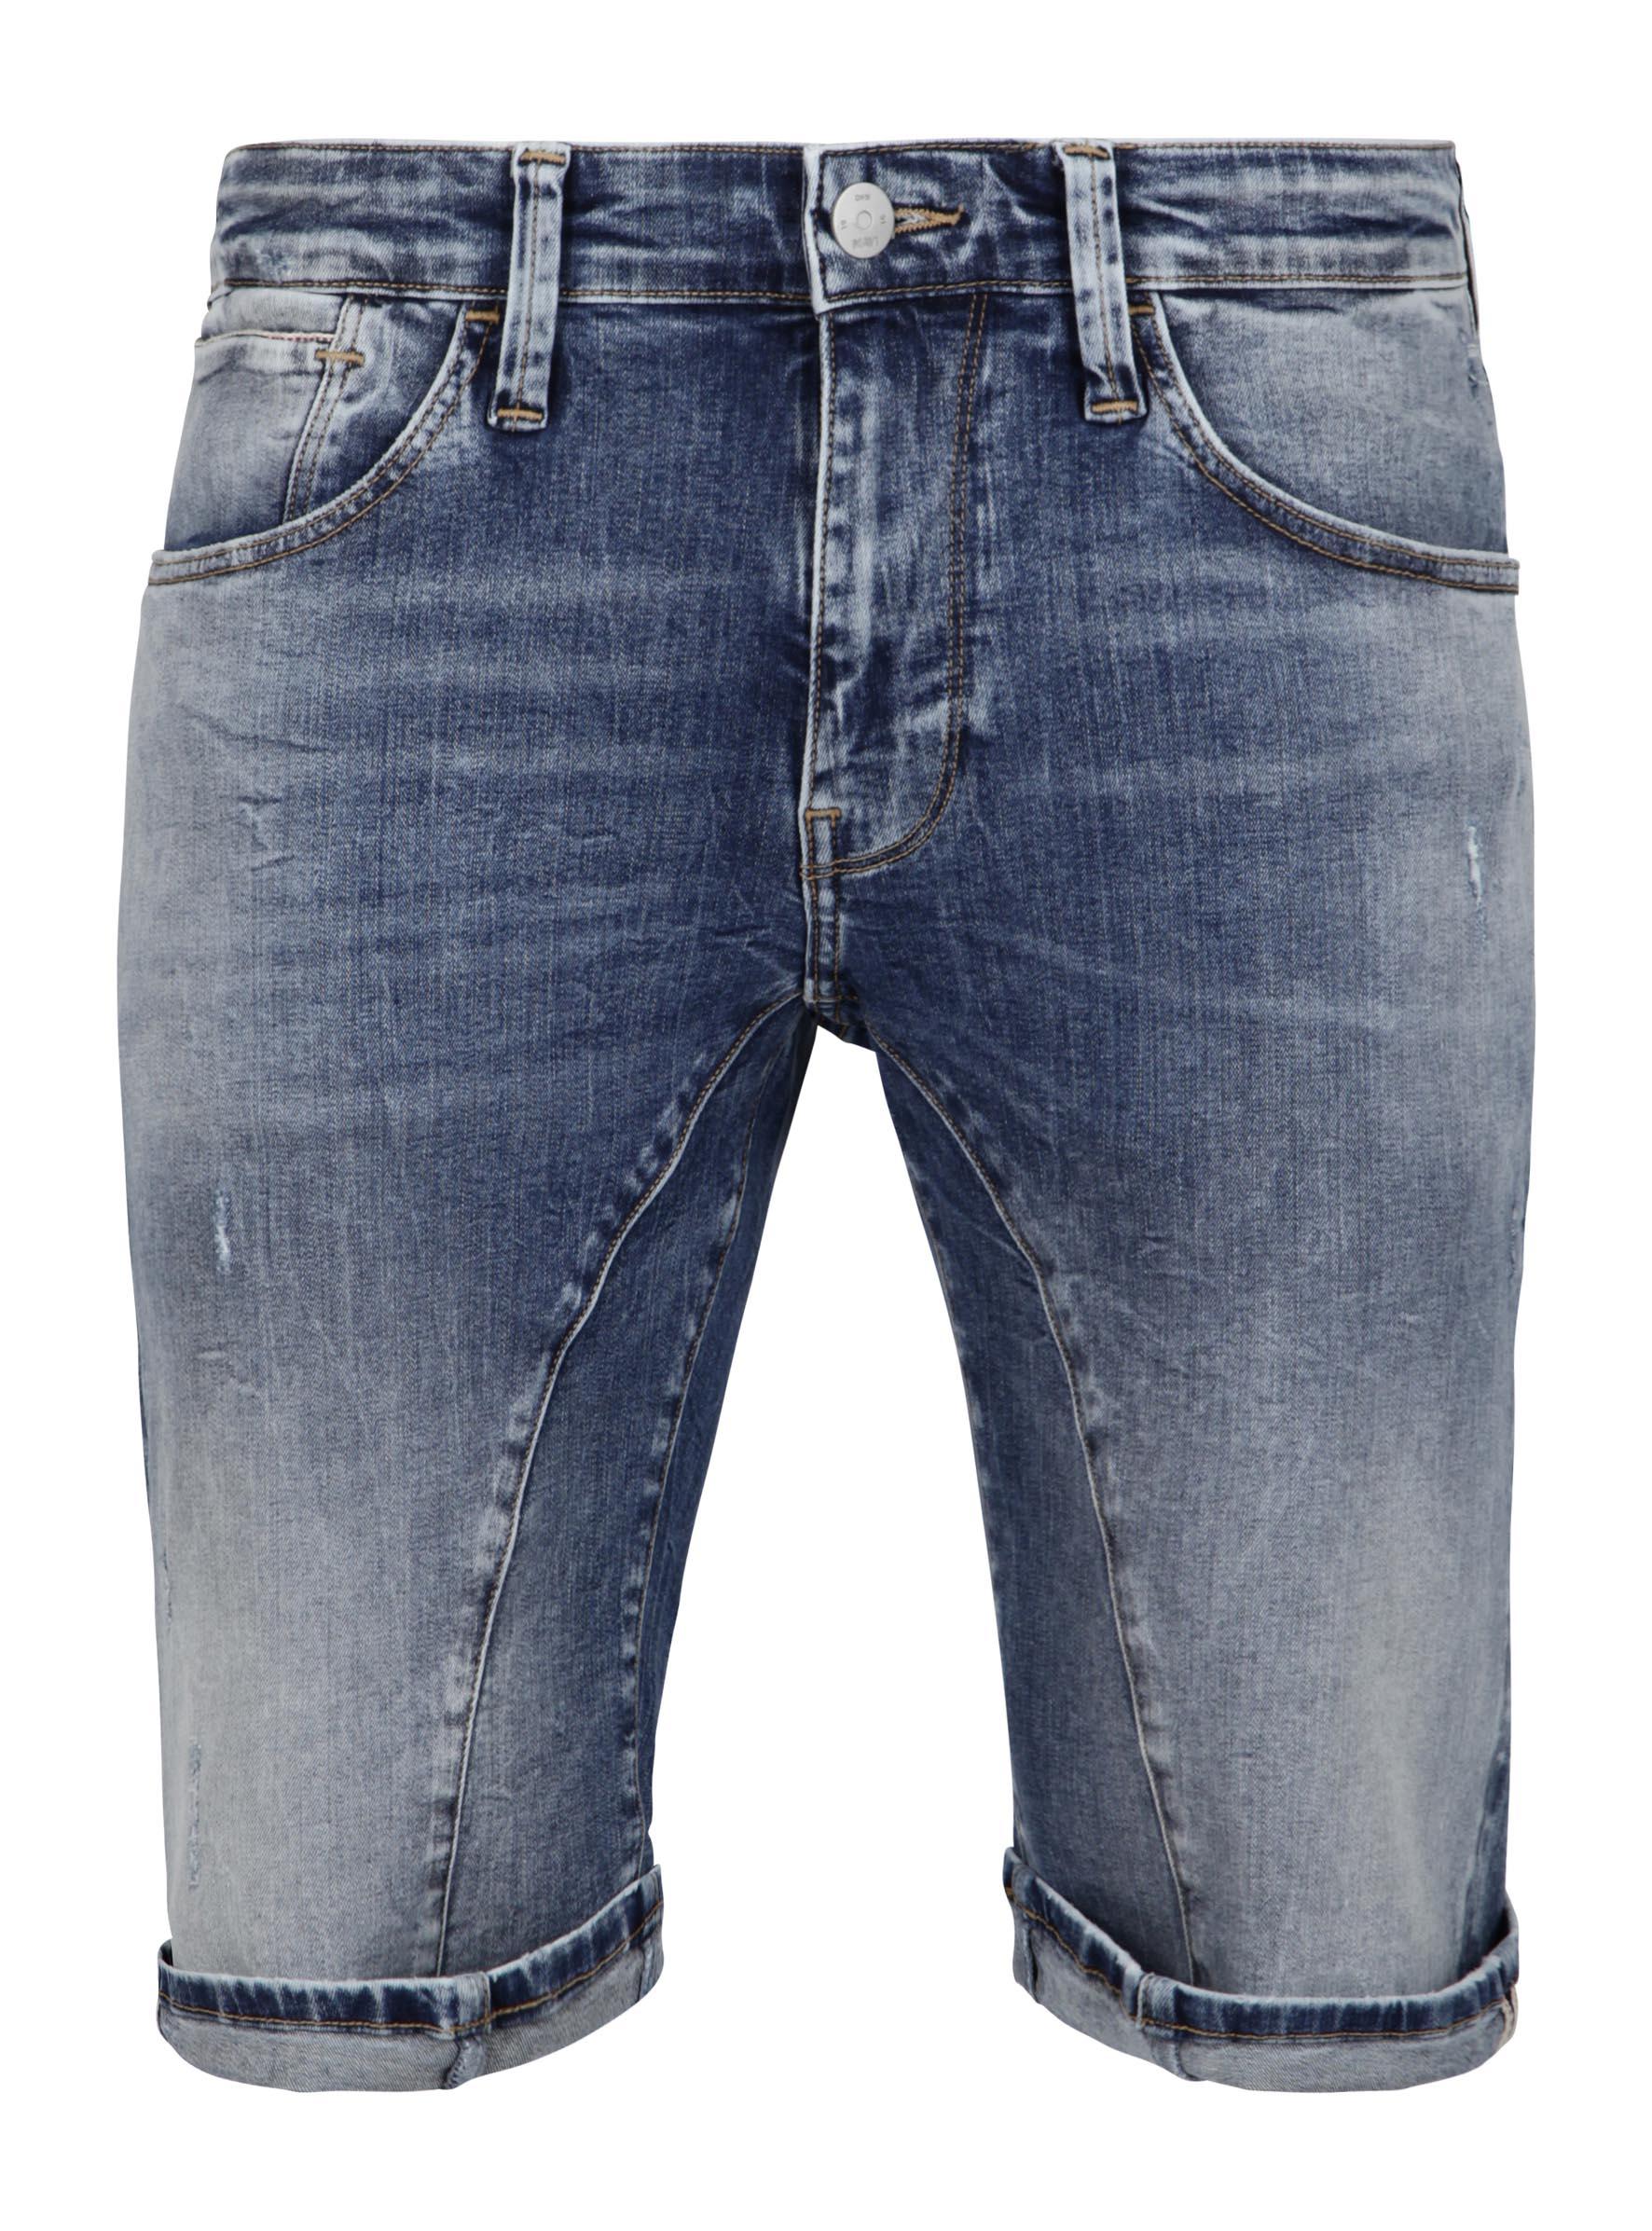 Jeans Shorts Robin in blau in der Mavi Jeans Men Sommerkollektion